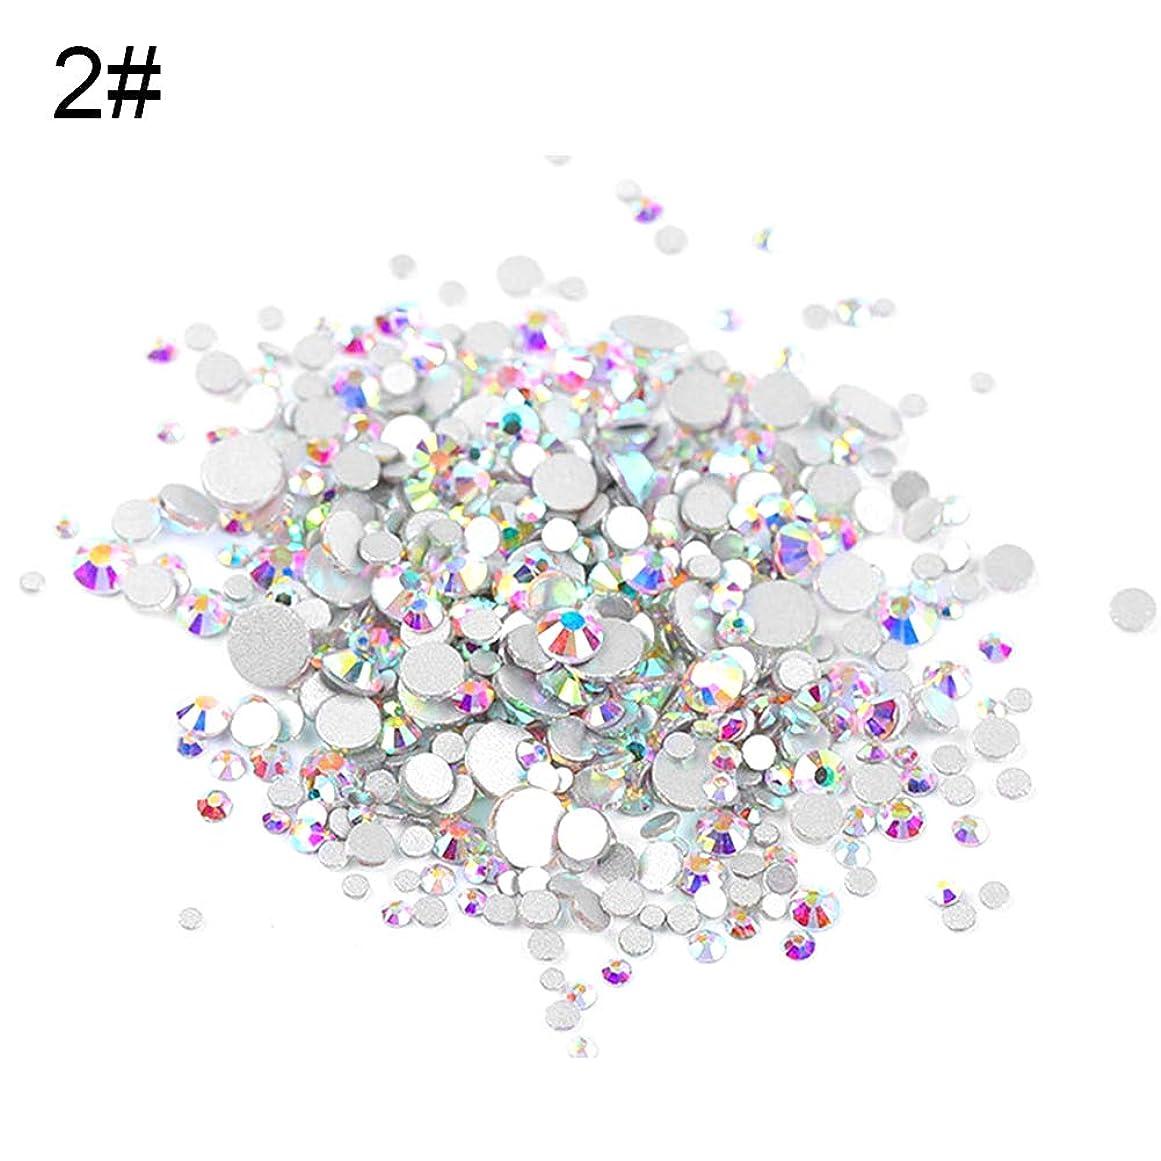 最も早いウール覆すslQinjiansavネイルアート&ツール修理ツール1440PcsグリッターDIY 3Dフラットネイルアートラインストーンスパンキンデコレーションマニキュアのヒント - 1#